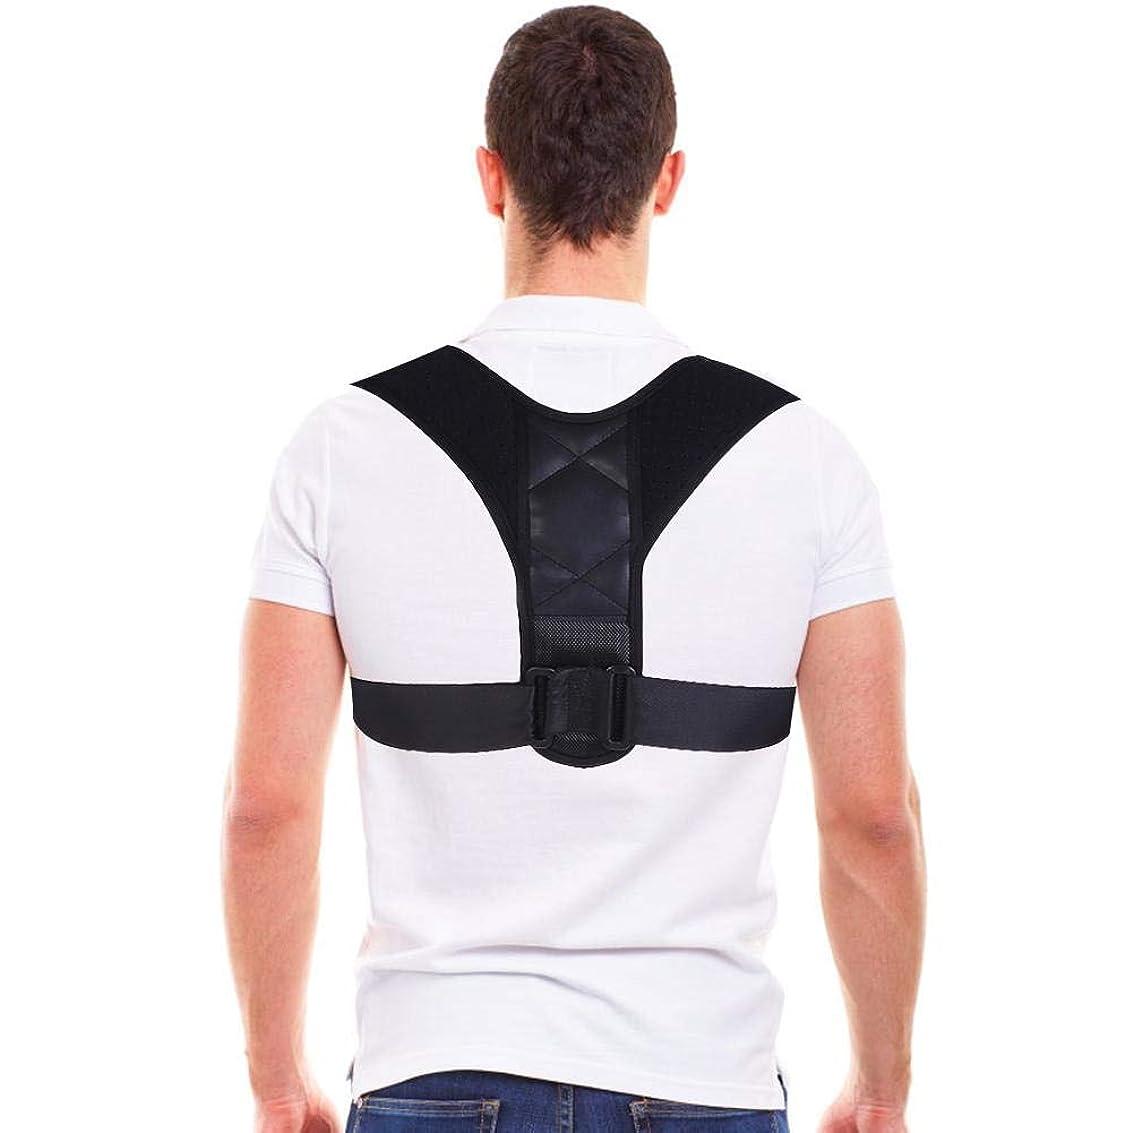 効能宿題相談するコレクター姿勢バックサポートベルト、8字型デザインの調節可能な鎖骨装具バンド、男性と女性の姿勢、腰痛予防、腰痛予防